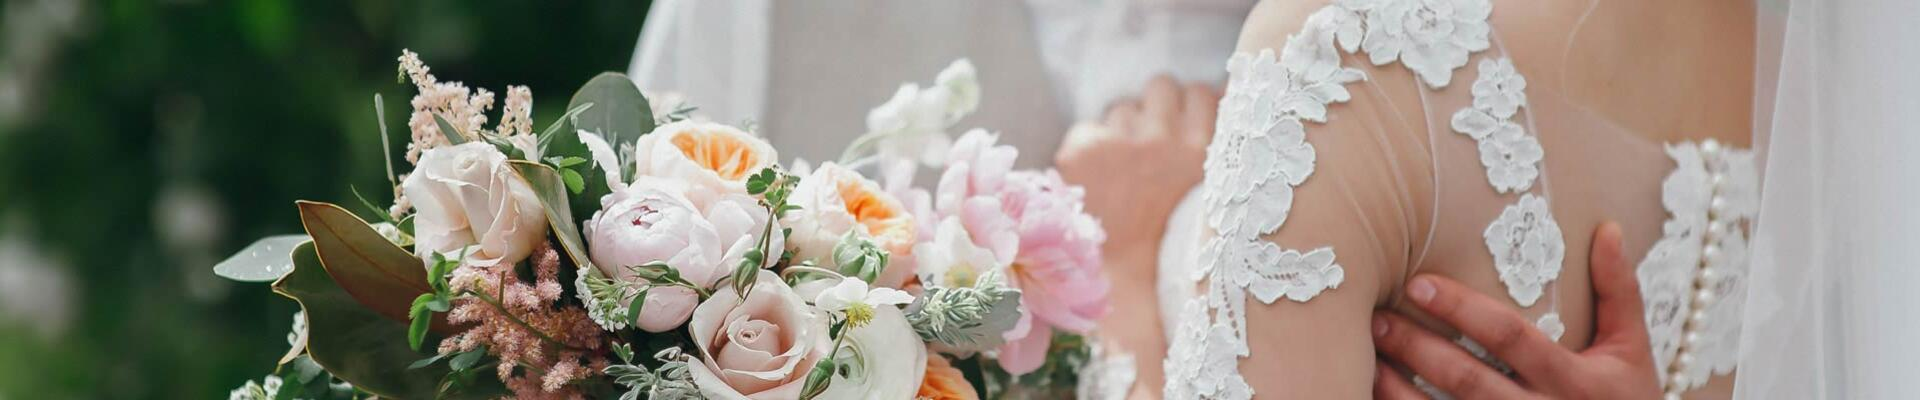 hotelreferdinandoischia en weddings 004